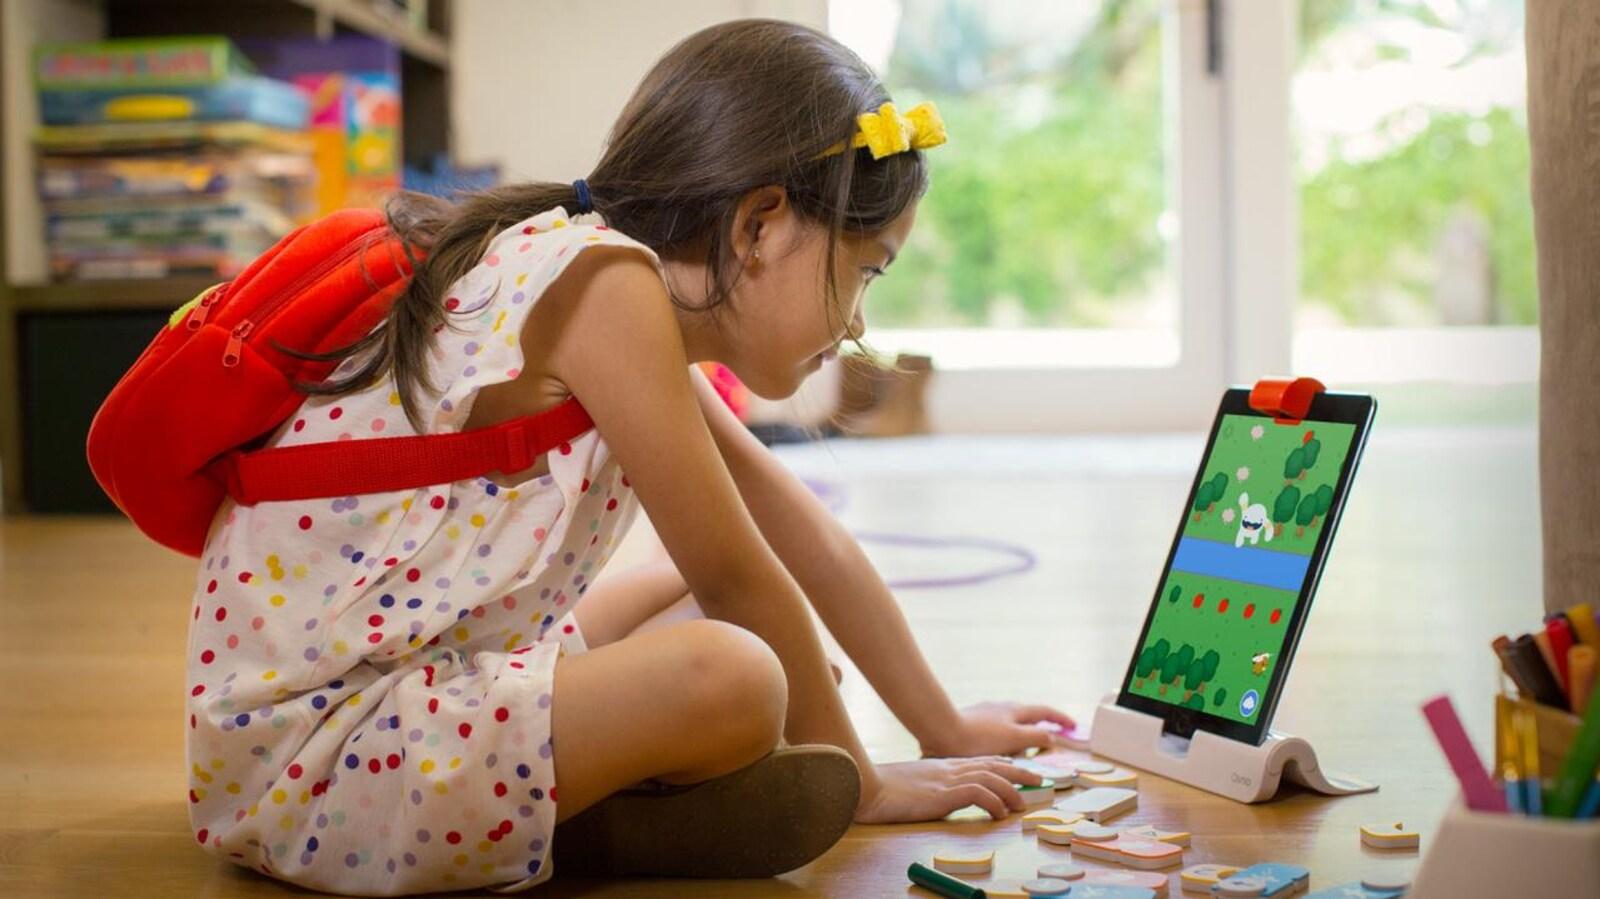 Une fillette apprend les rudiments du codage grâce à un jeu Osmo.